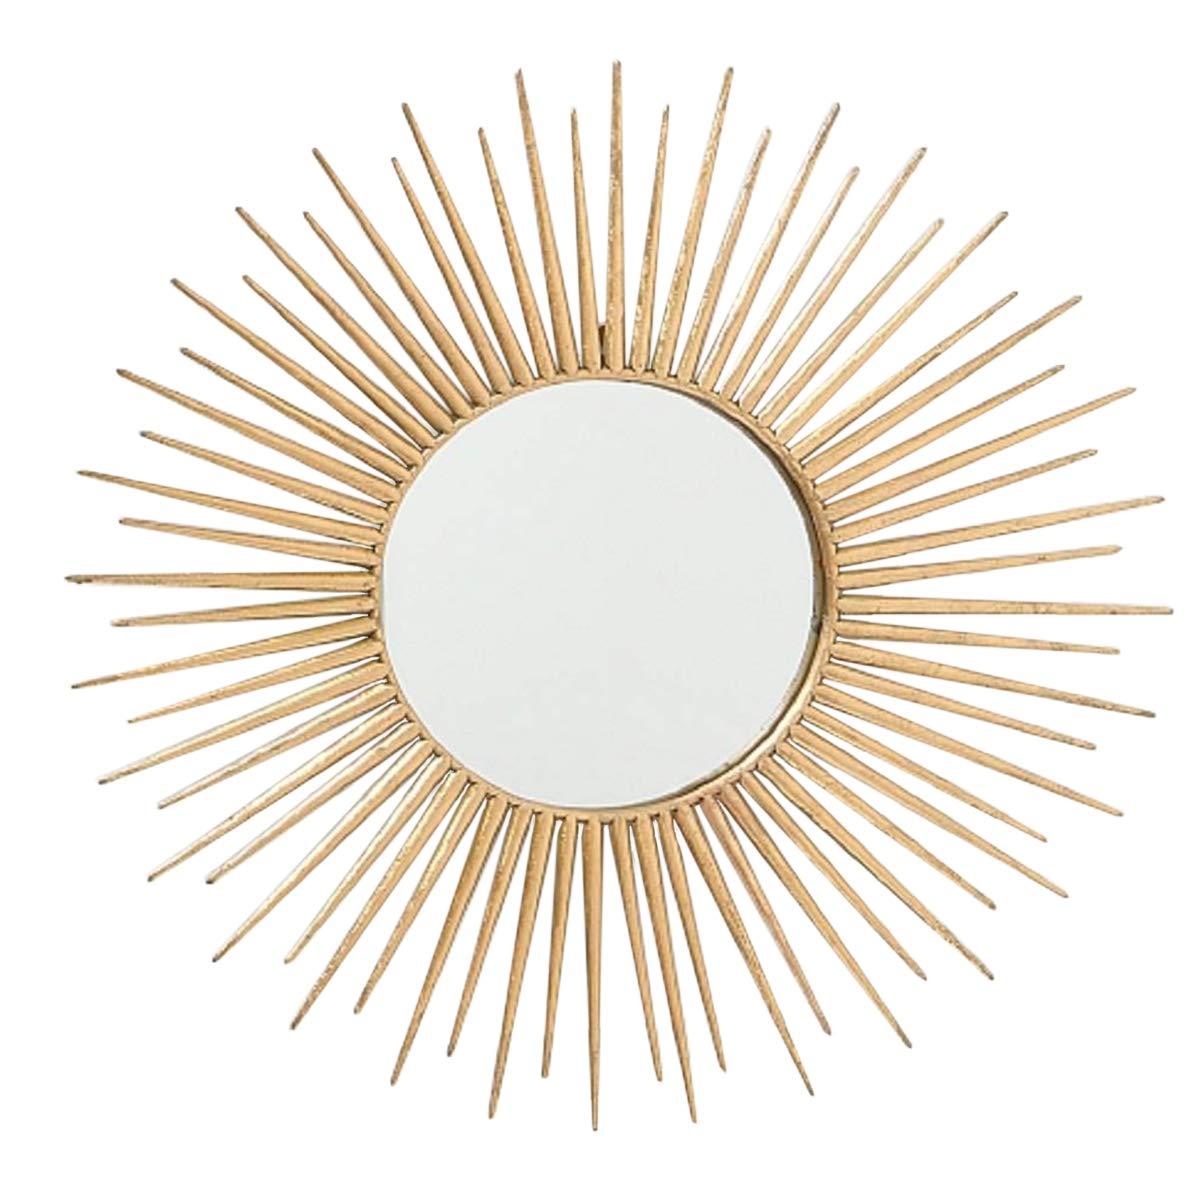 CasaJame Metall Wandobjekt Wandbild Sonne Sonnen Spiegel 75x75cm Gold Eisen